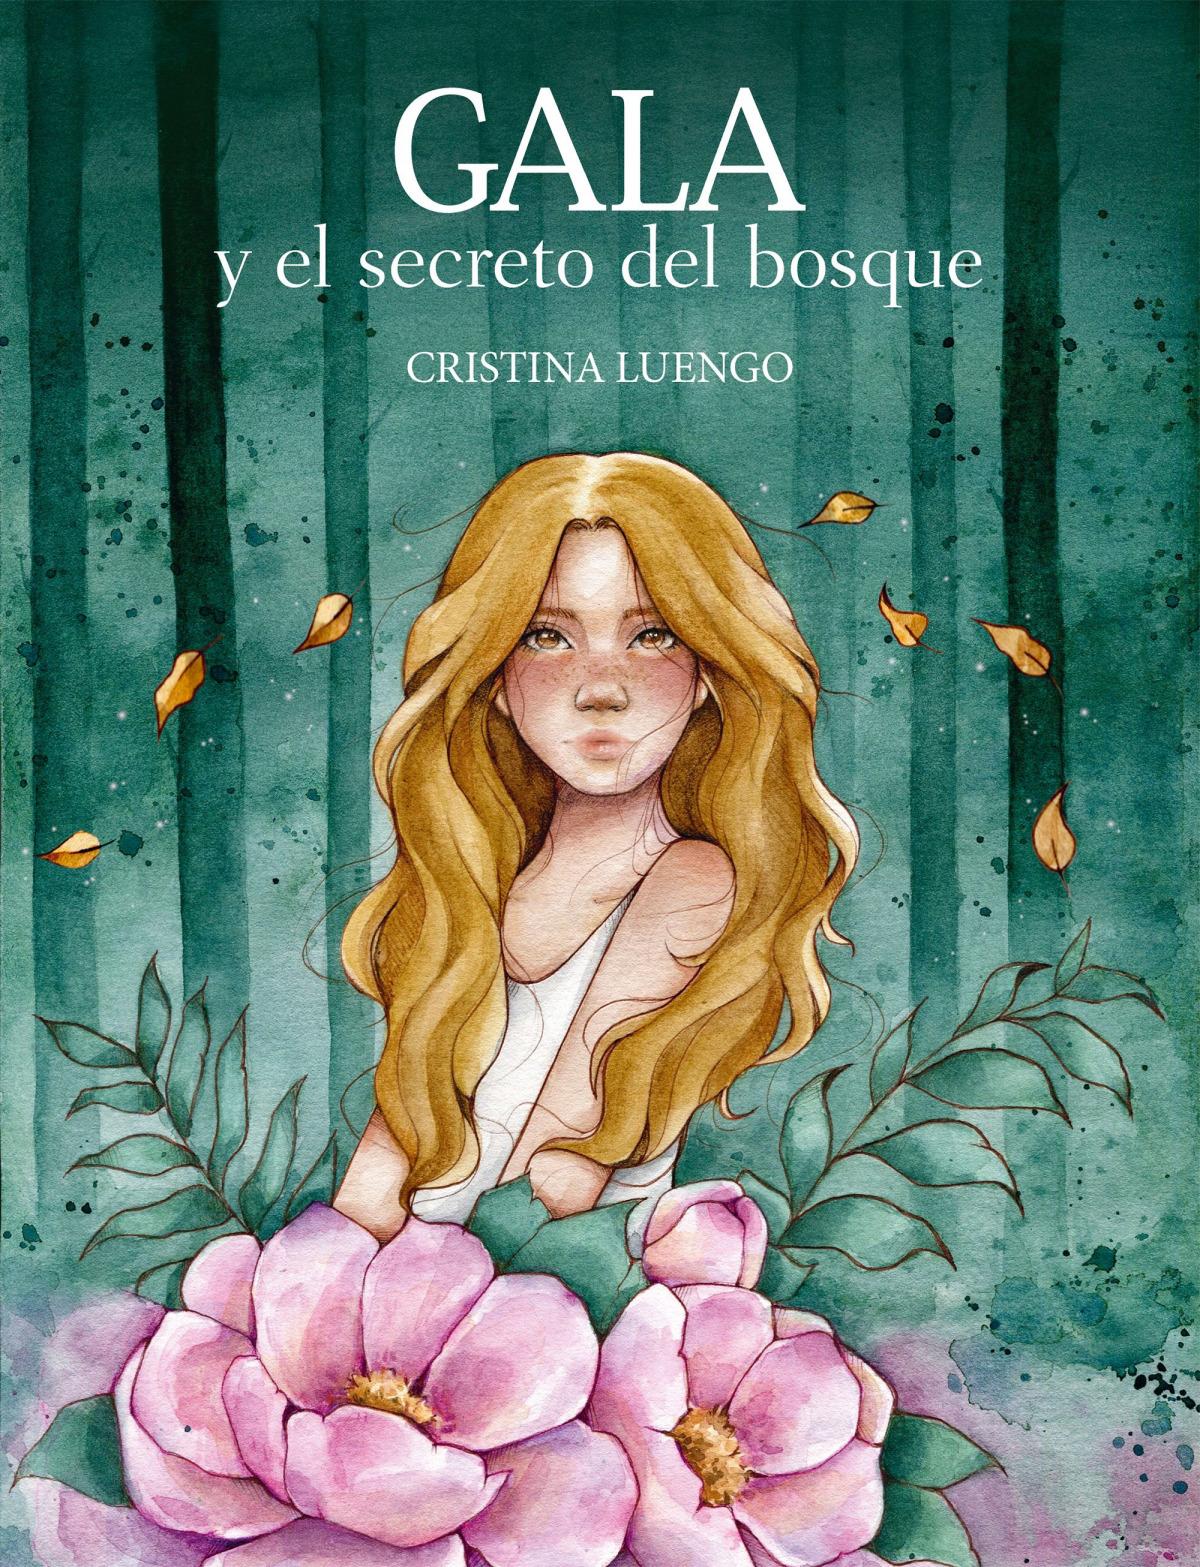 Gala y el secreto del bosque